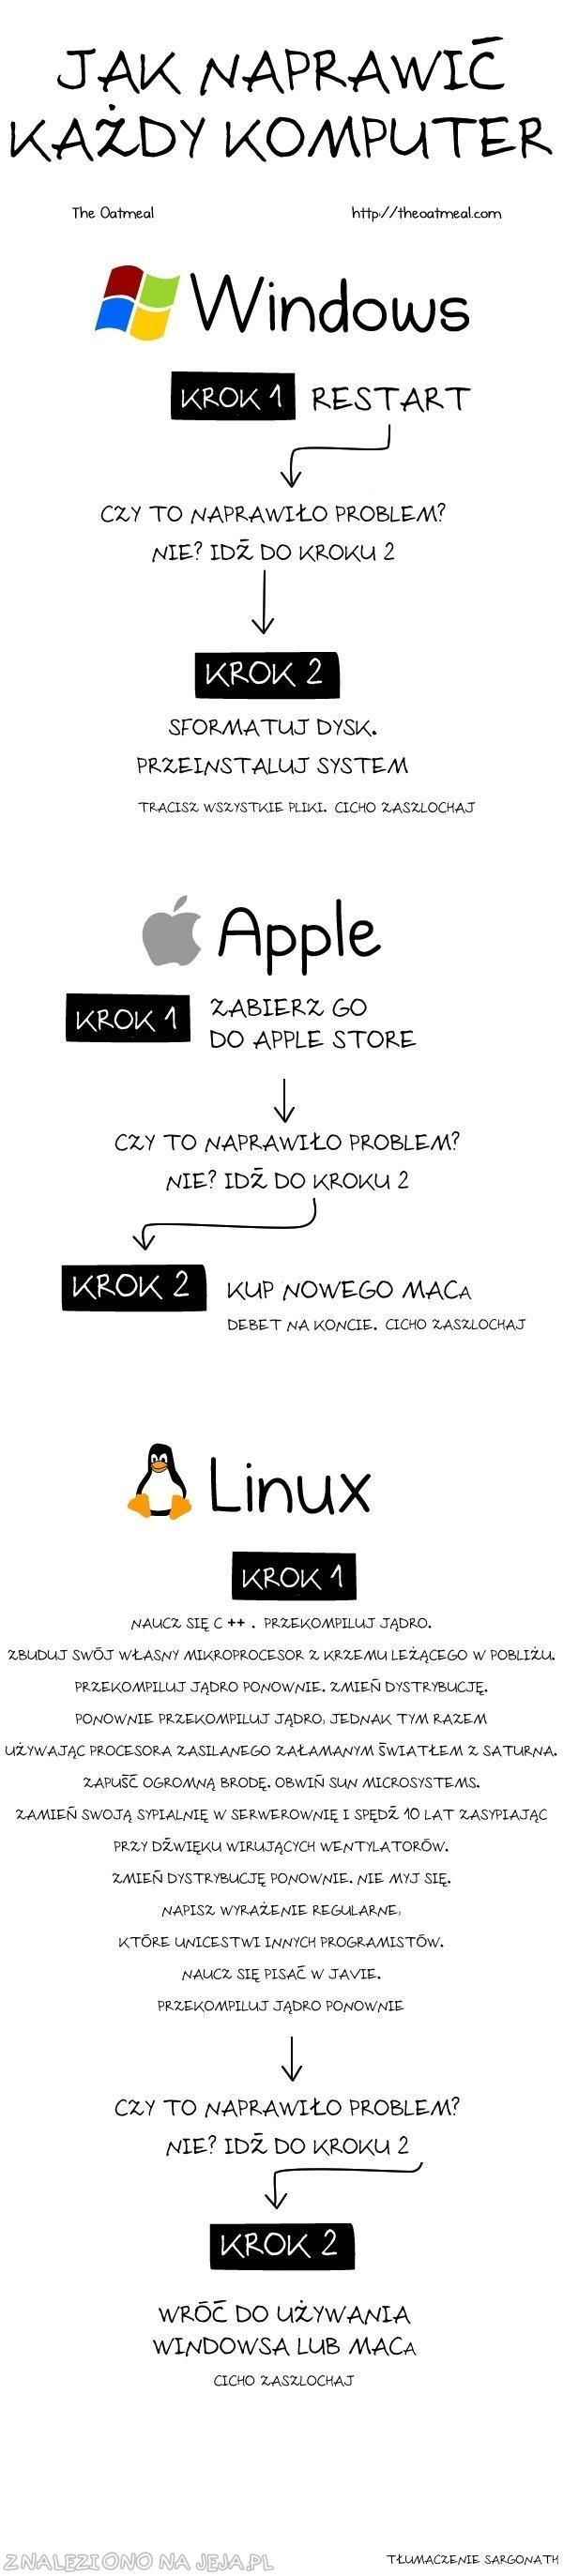 Jak naprawić każdy komputer